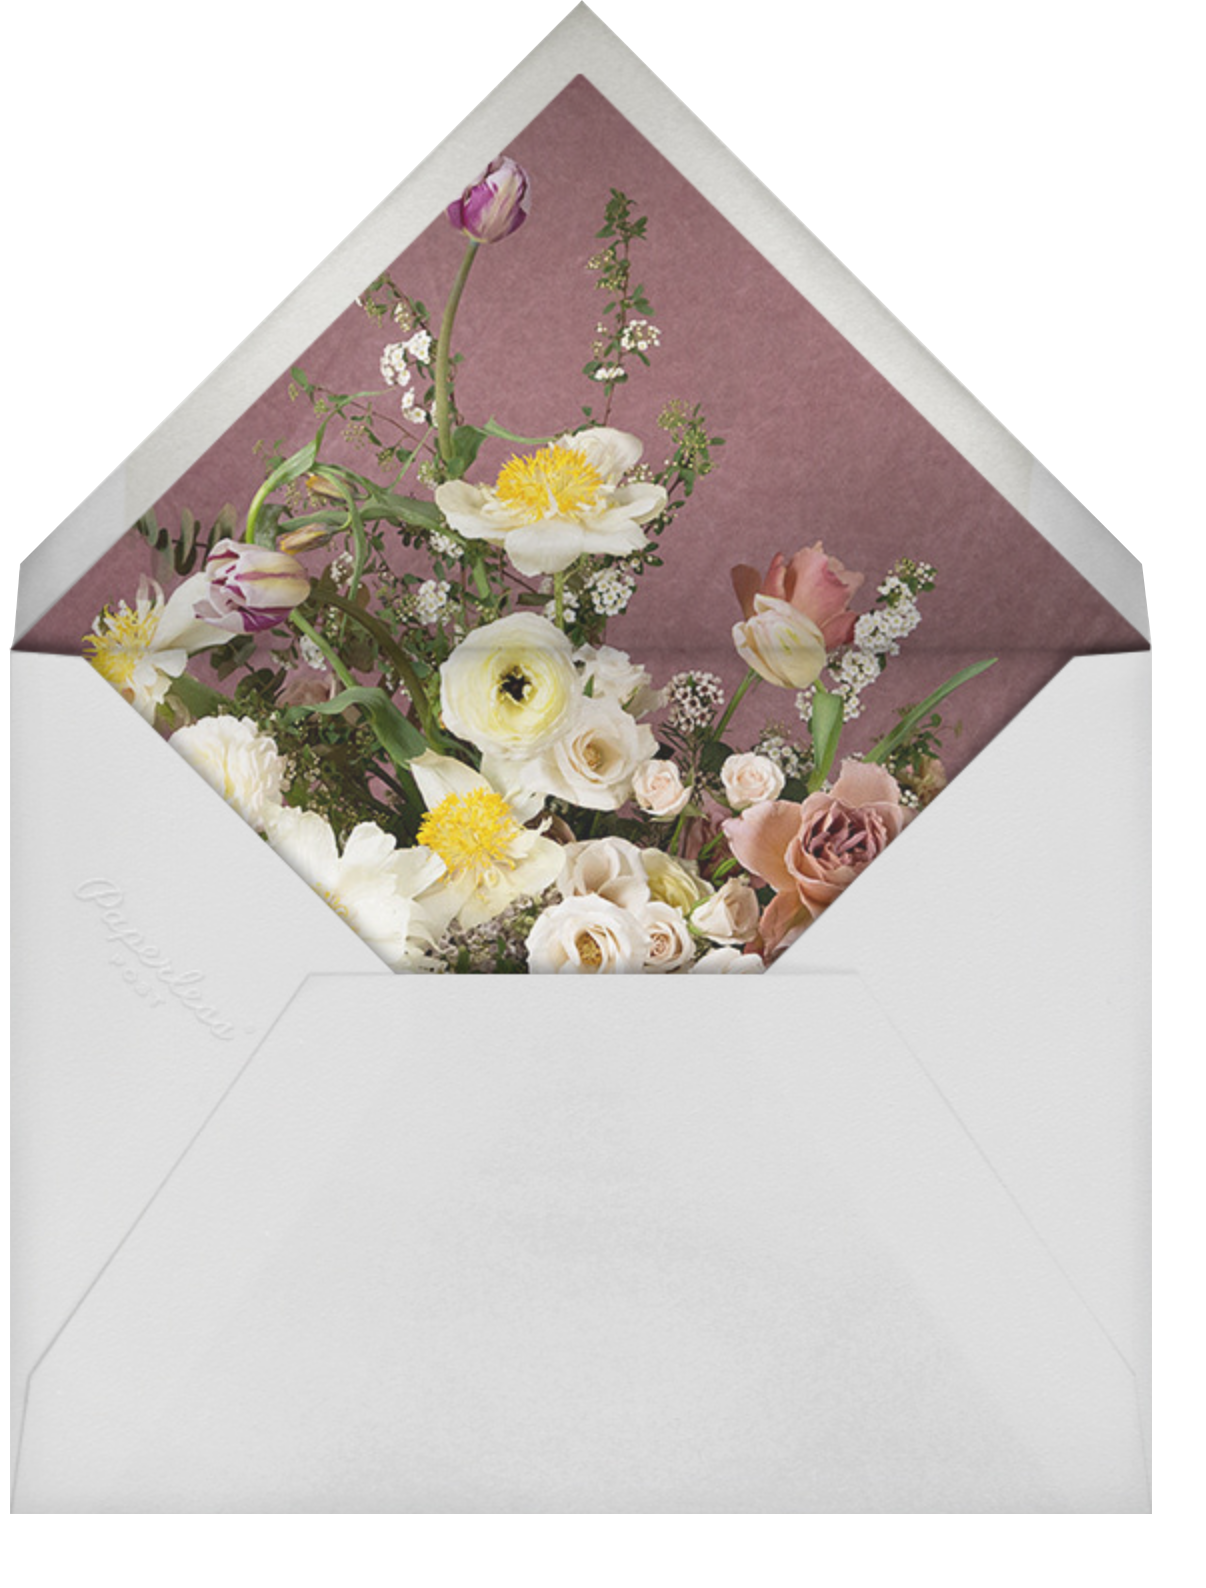 Messidor Photo - Putnam & Putnam - Envelope